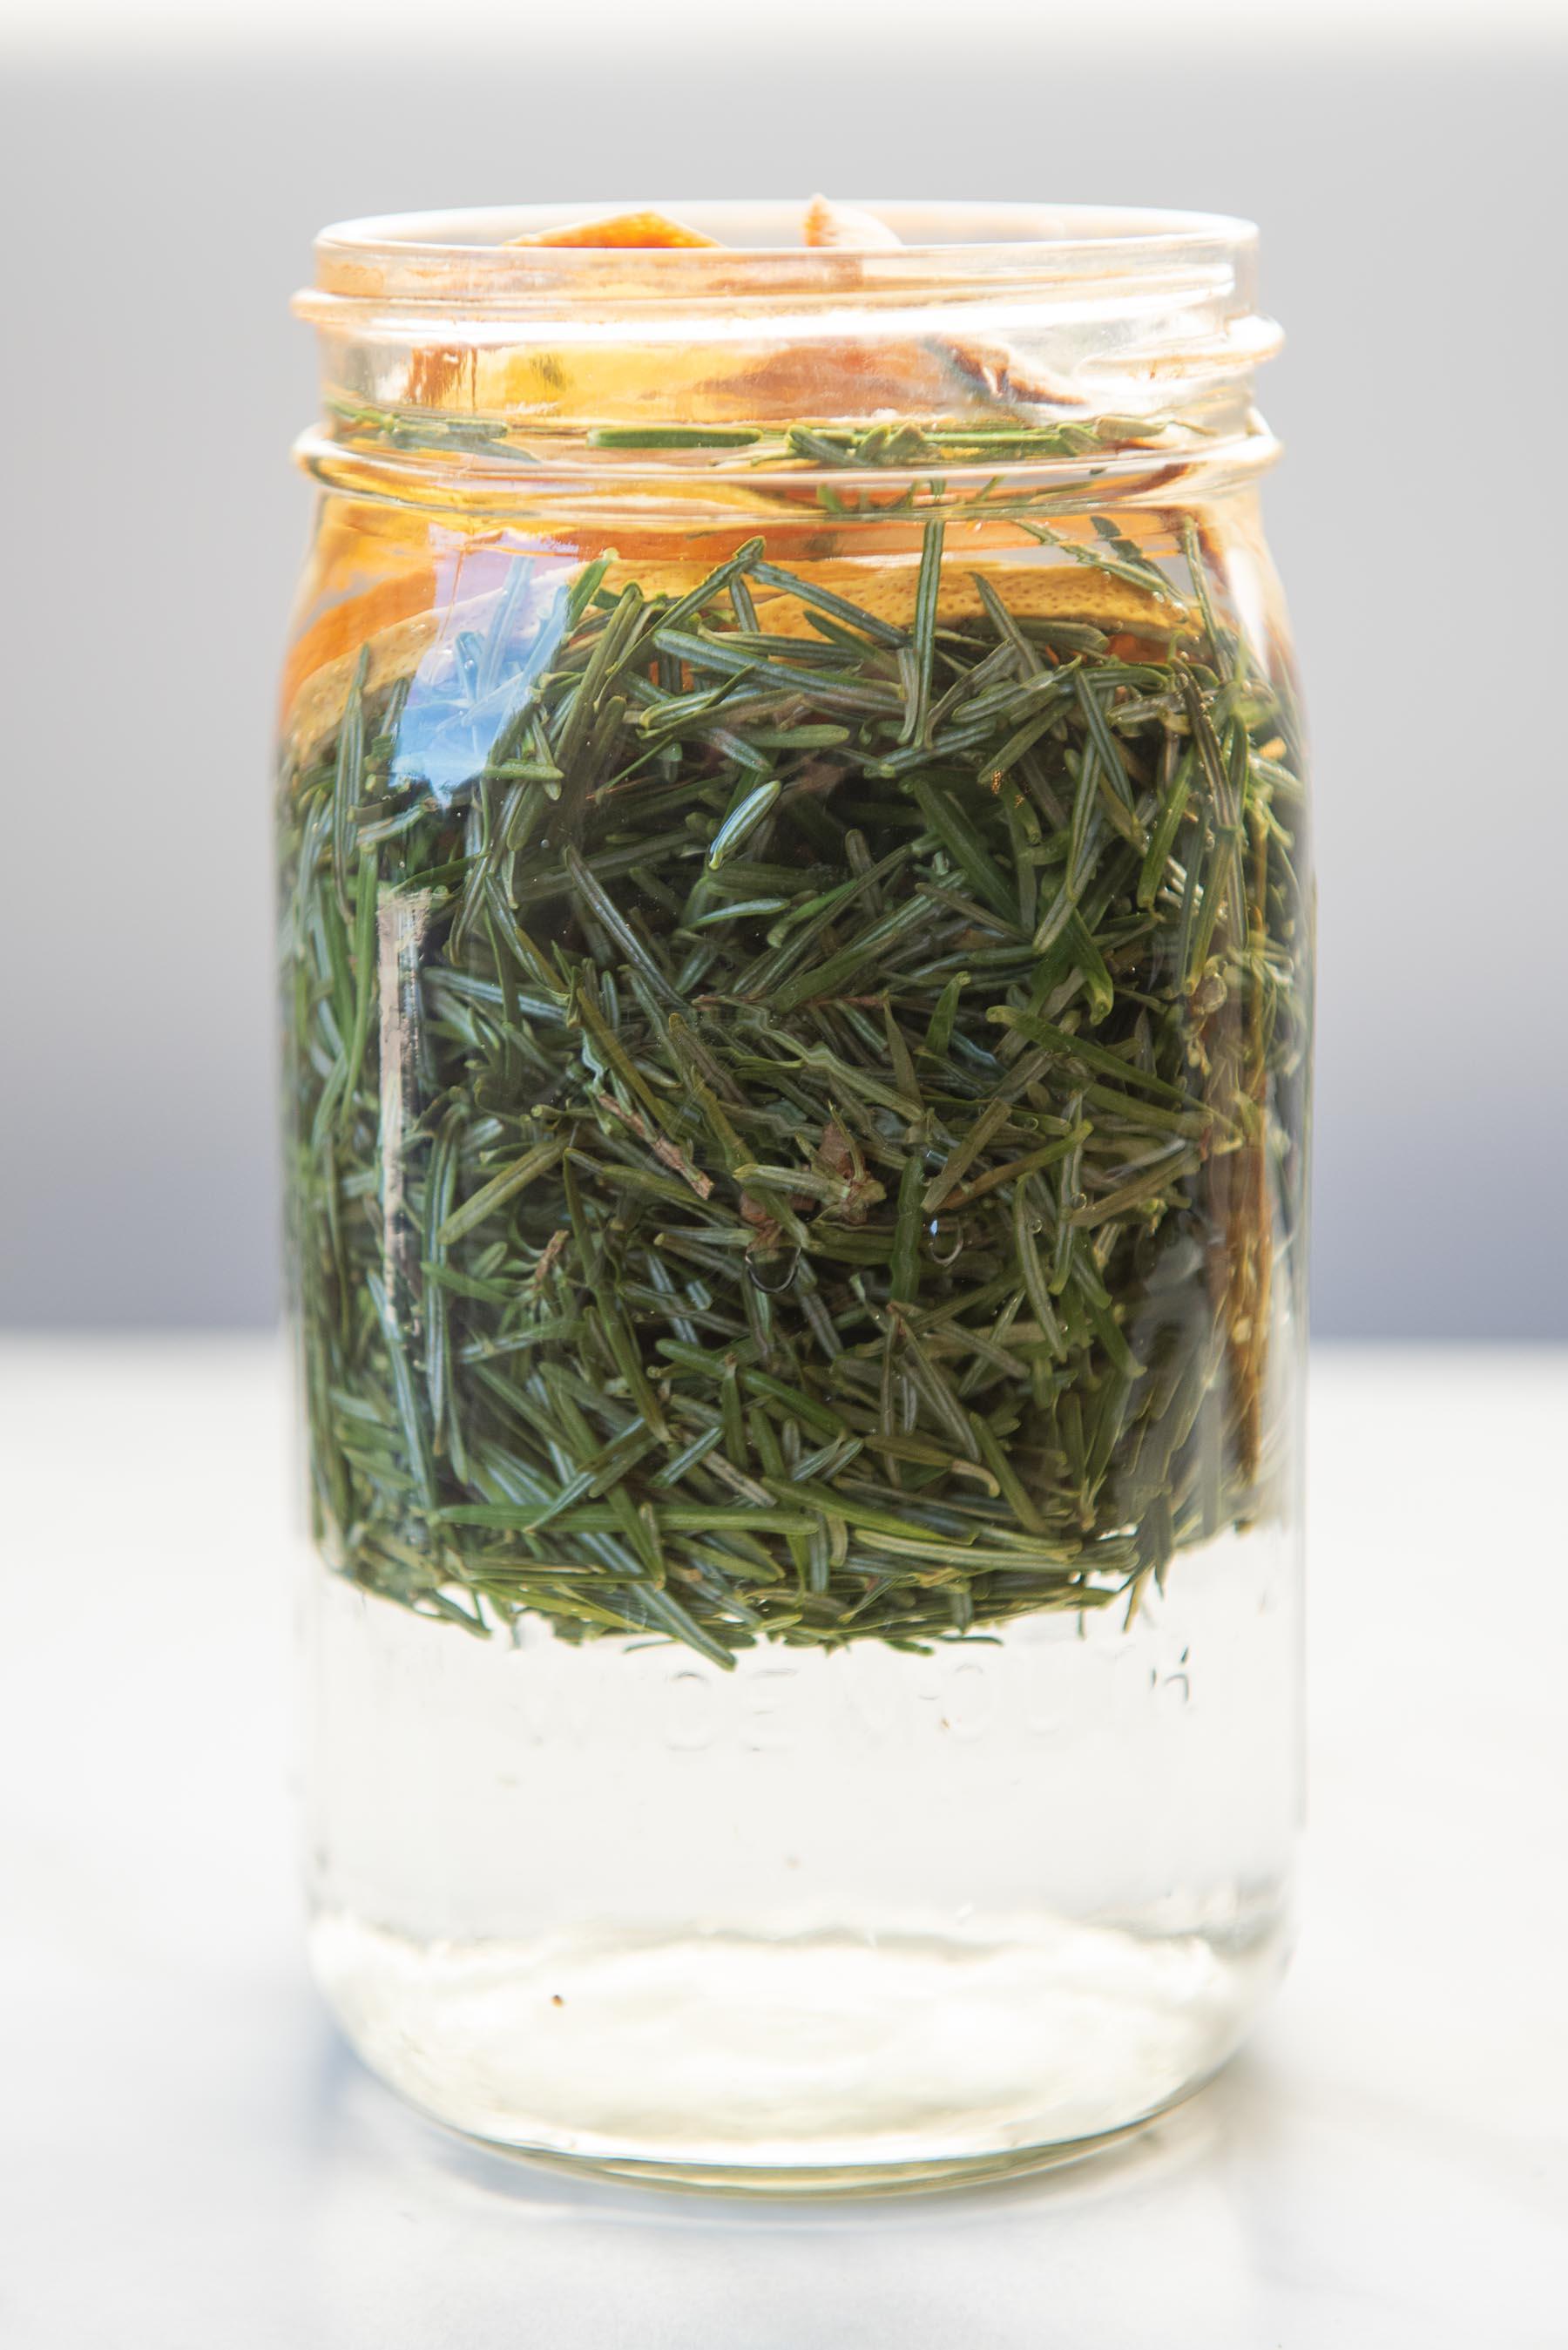 Evergreen vinegar cleaner